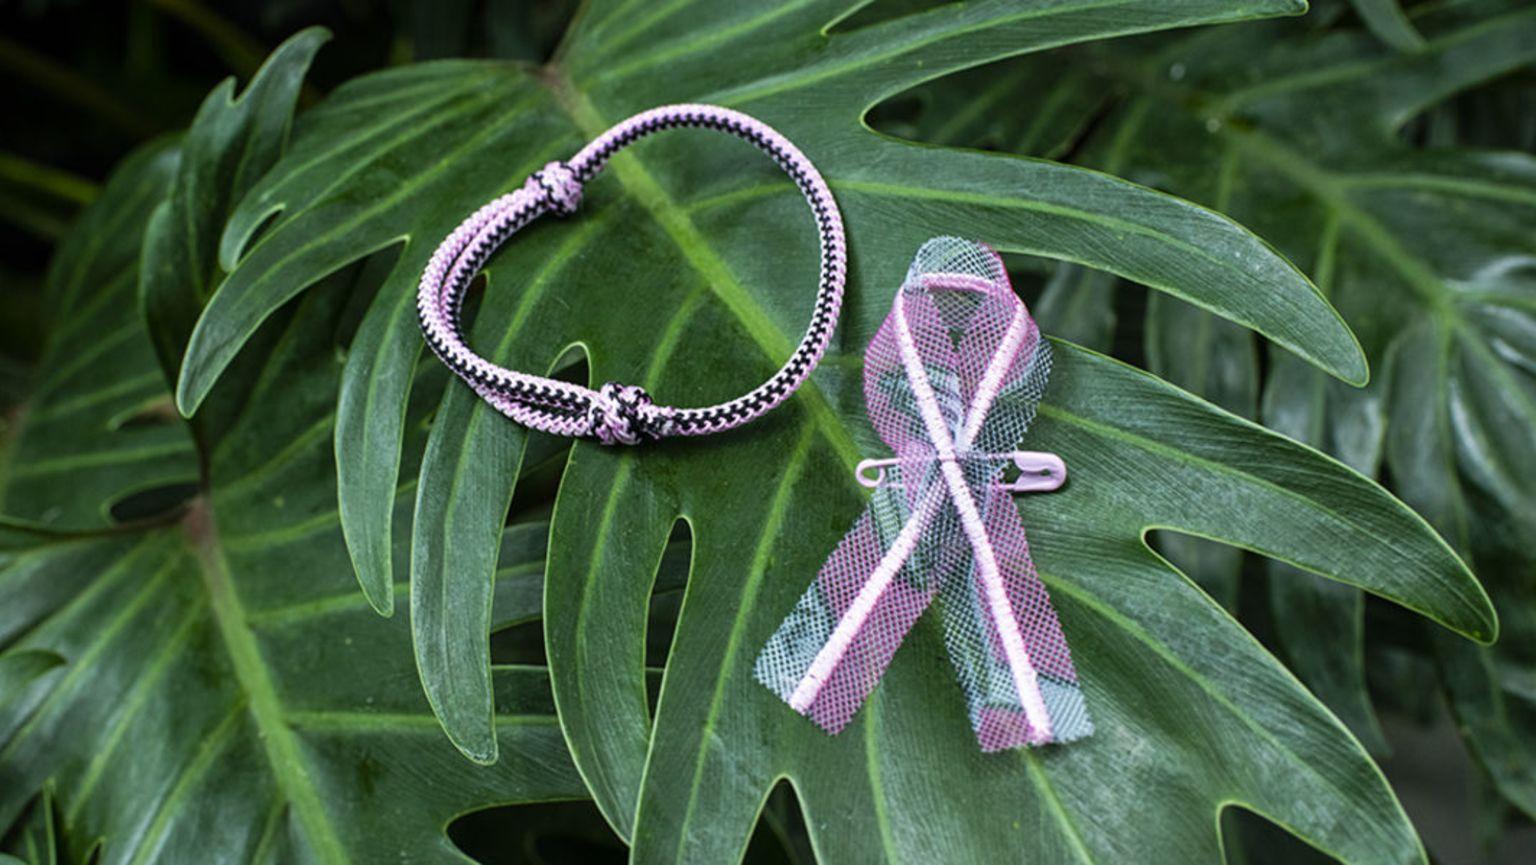 Rosa bandet och armbandet